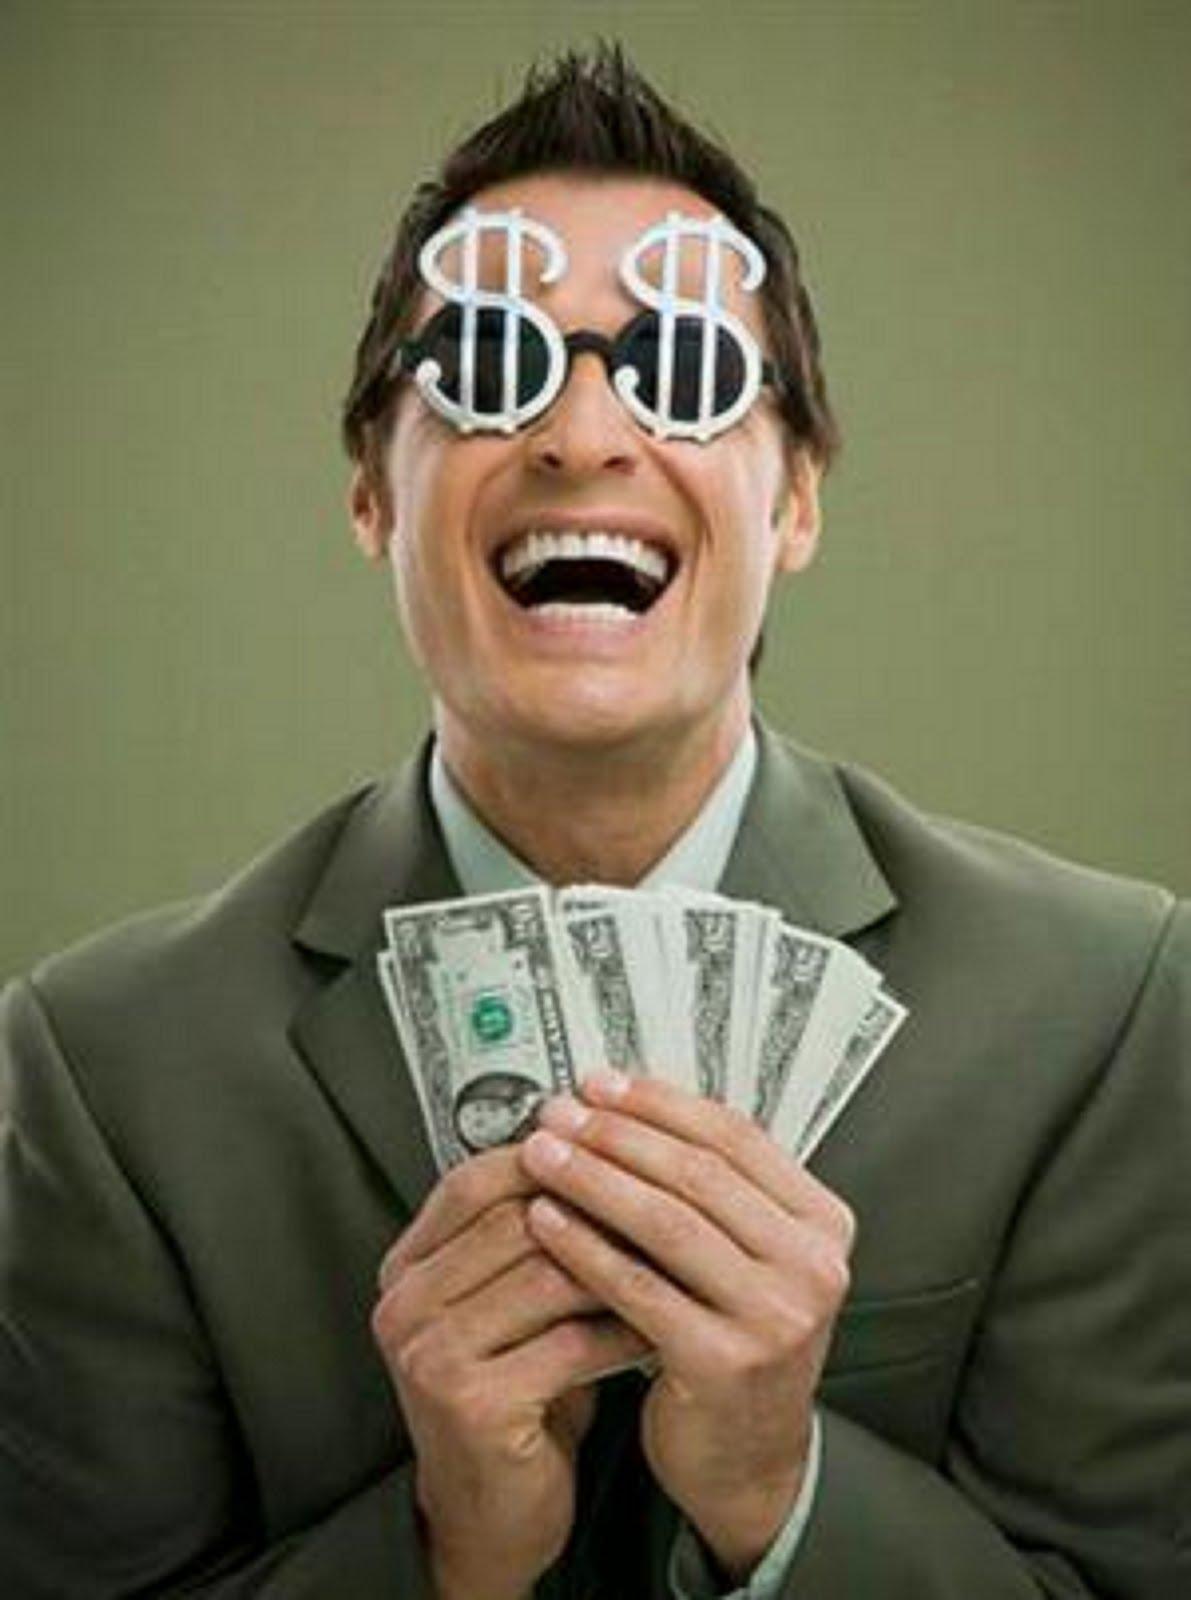 http://3.bp.blogspot.com/_HkiV8IEfRQY/SxRI_5yZ1sI/AAAAAAAAAFc/Q7jynlu_osA/s1600/dinheiro1.bmp